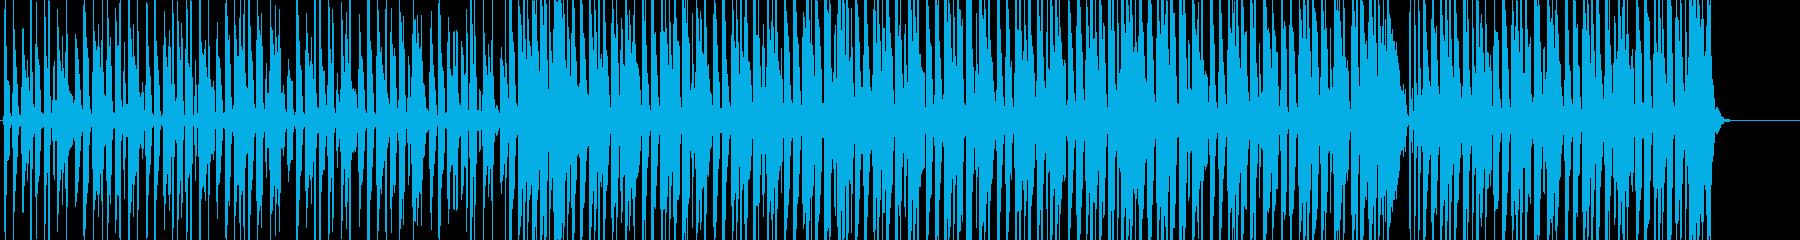 バラード 企業イメージ ポジティブ...の再生済みの波形